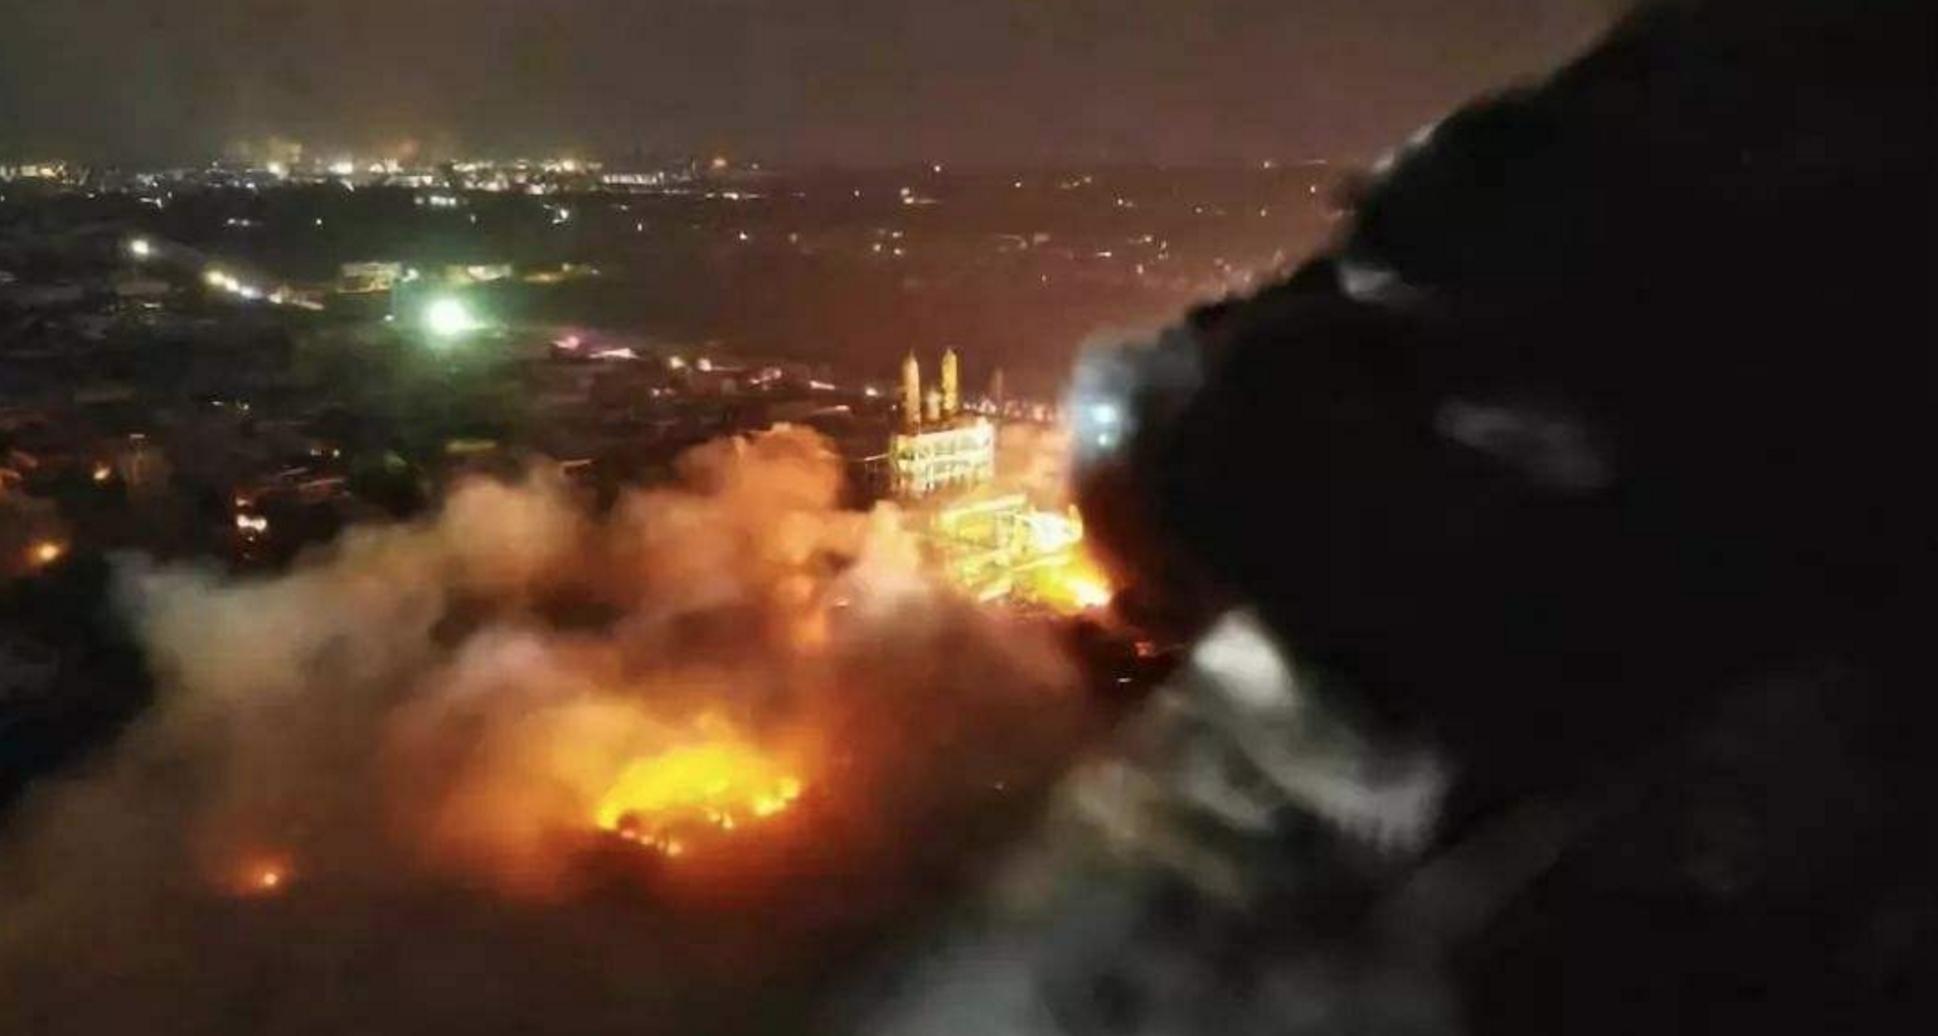 德国莱茵tuv 3.21爆炸事故触目惊心,化学品管理势在必行